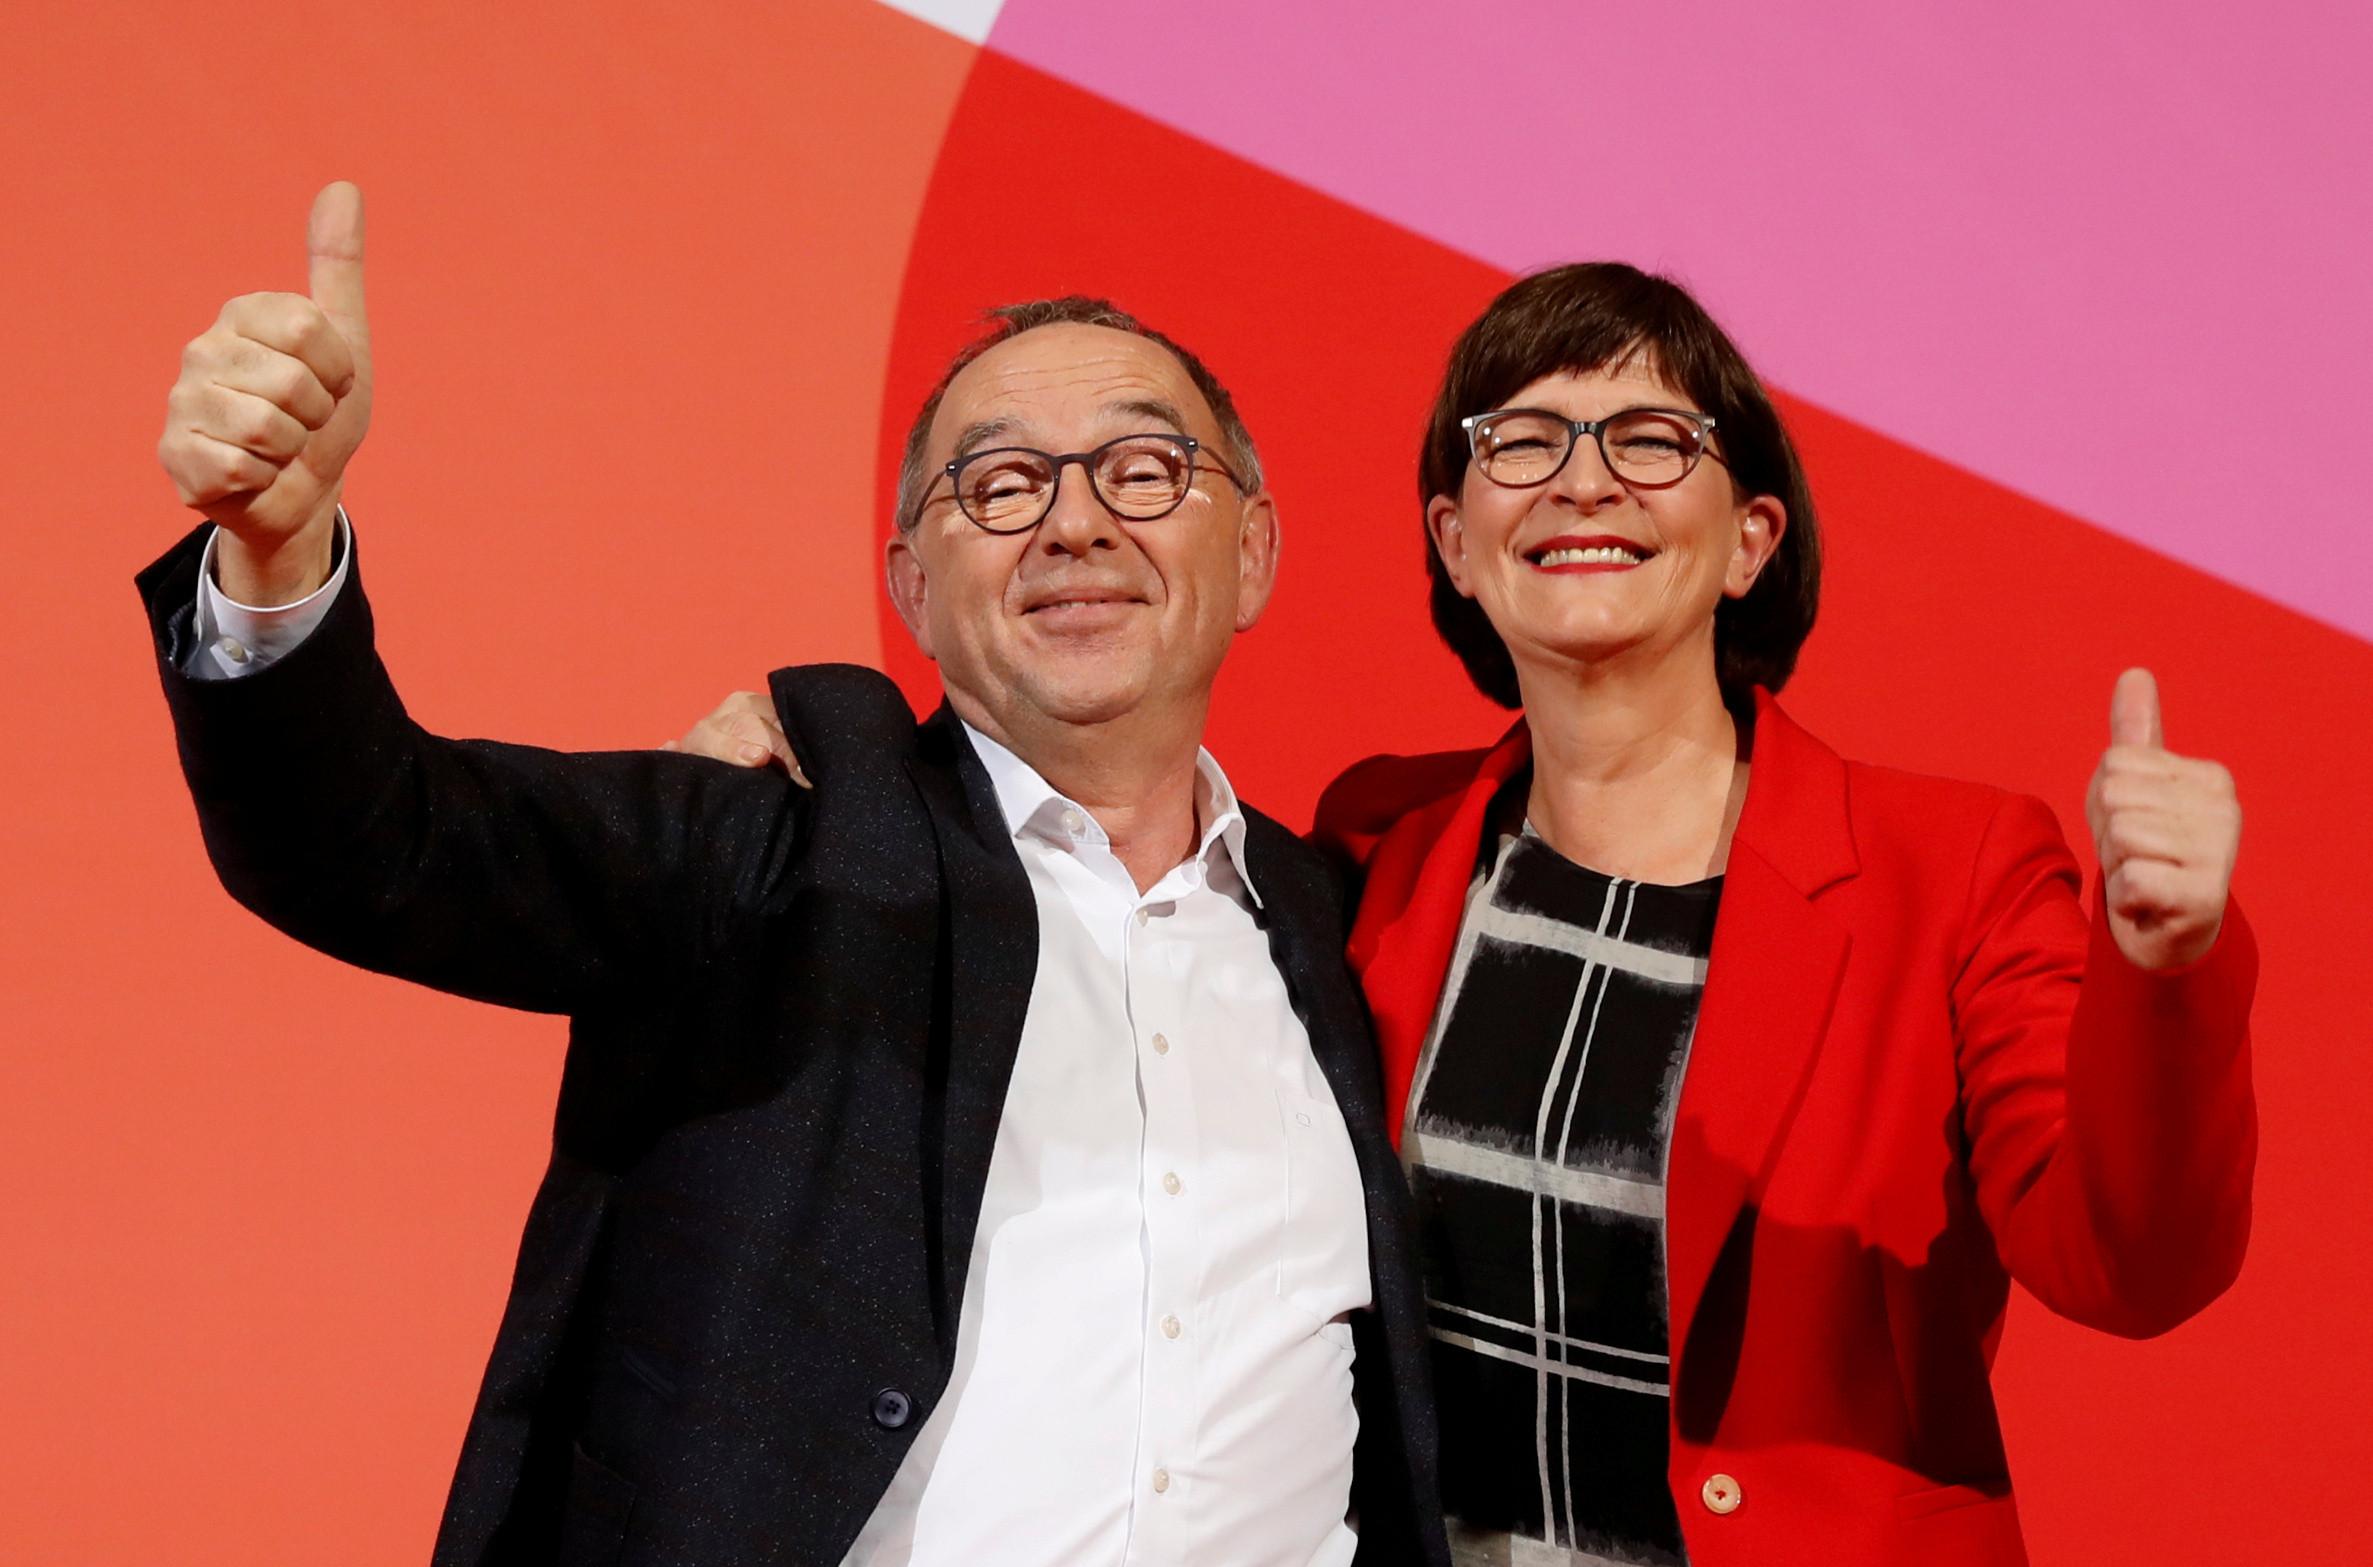 ▲▼沃爾特-波楊斯(Norbert Walter-Borjans)和艾斯肯(Saskia Esken)當選德國社民黨黨魁。(圖/路透)